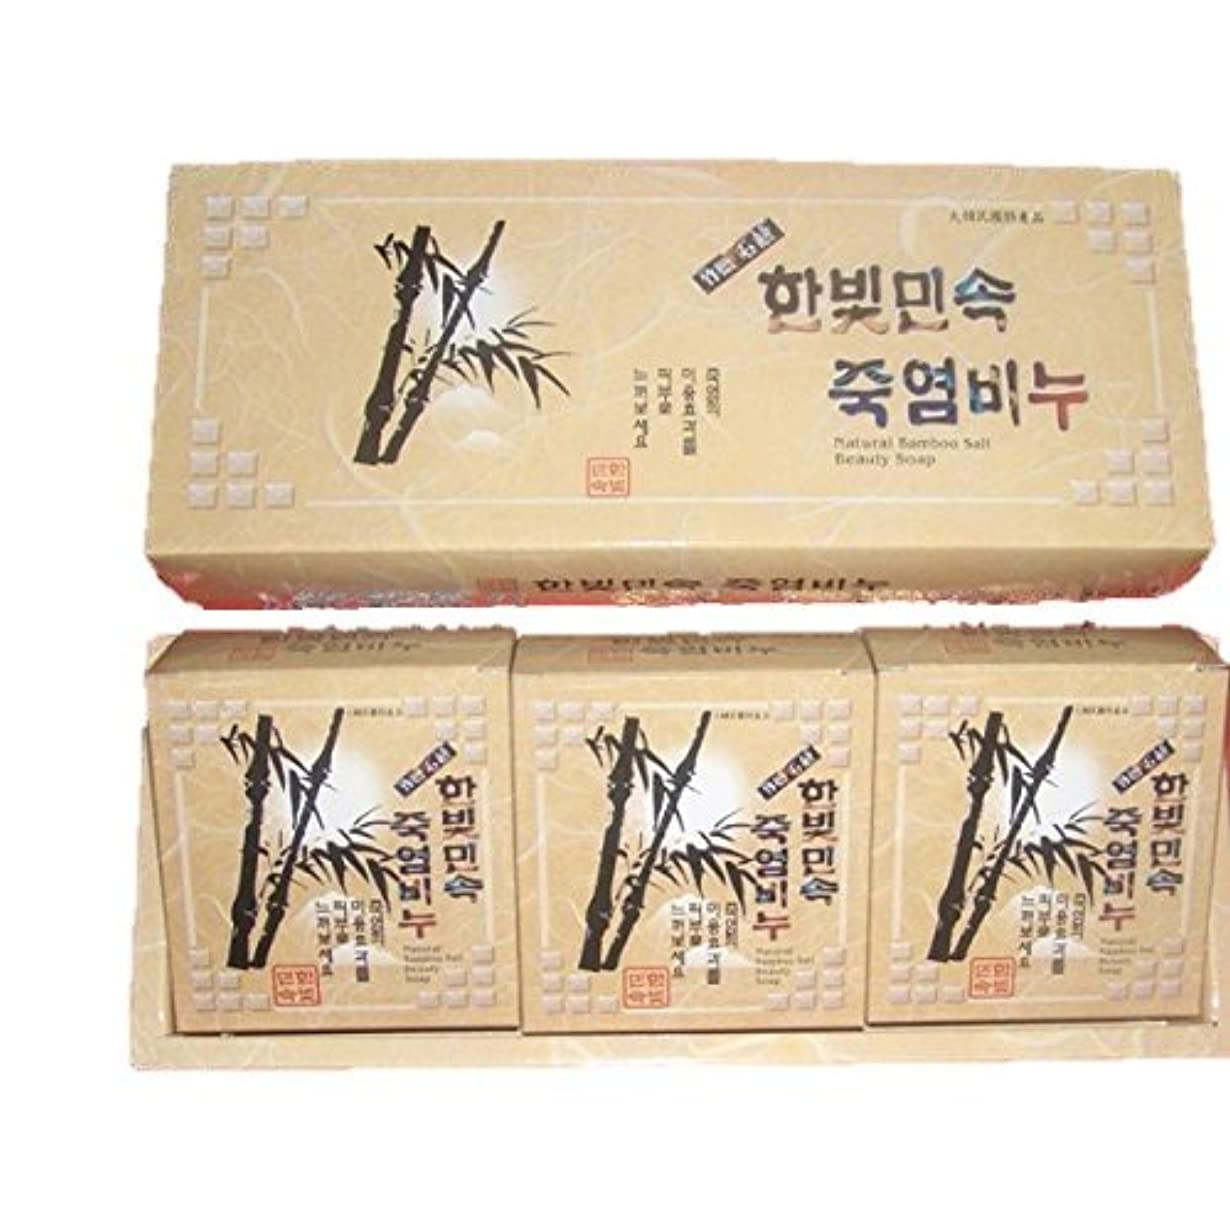 ドループ債権者罰(韓国ブランド) 竹塩石鹸 (3個×3セット)